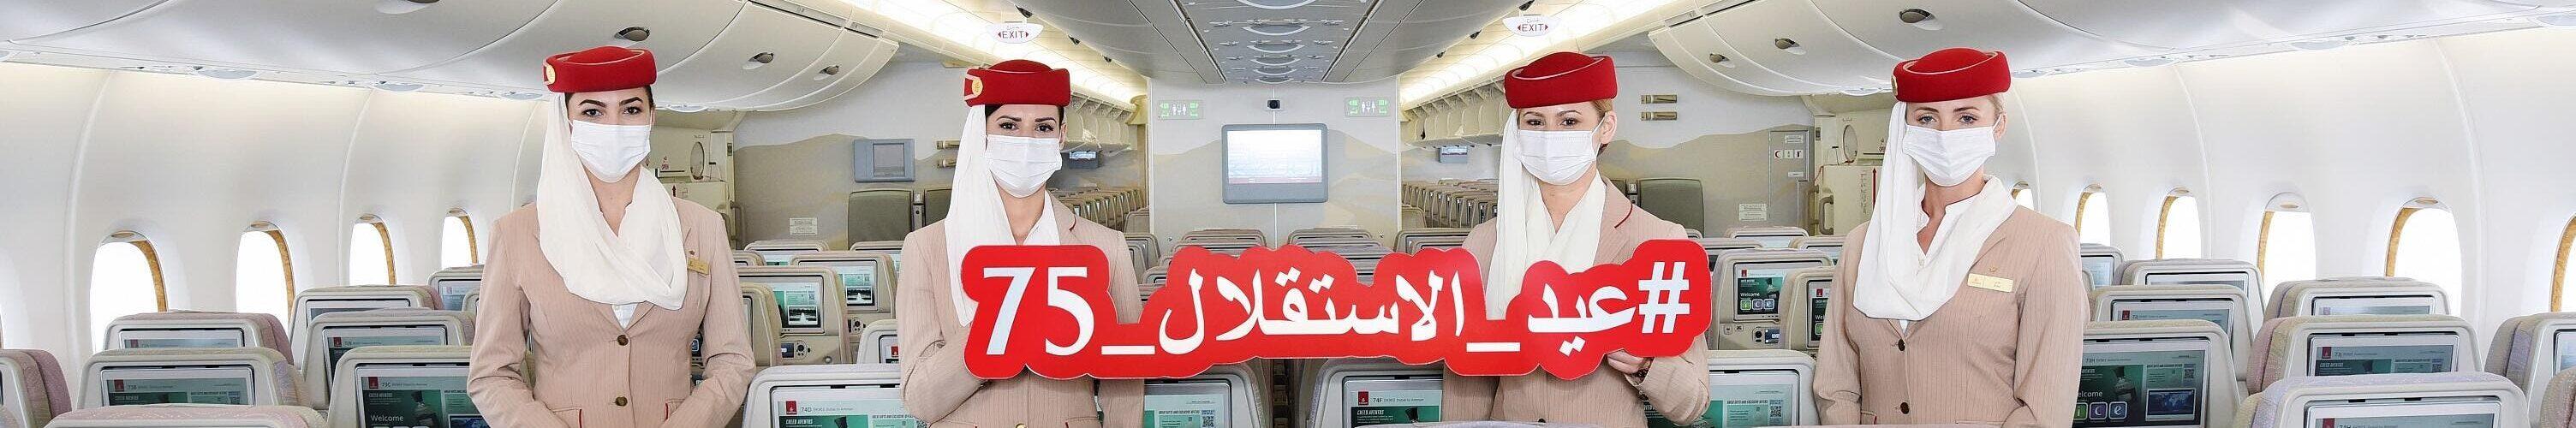 Emirates იორდანიის დამოუკიდებლობის დღეს თავისი ფრენების განმავლობაში აღნიშნავს